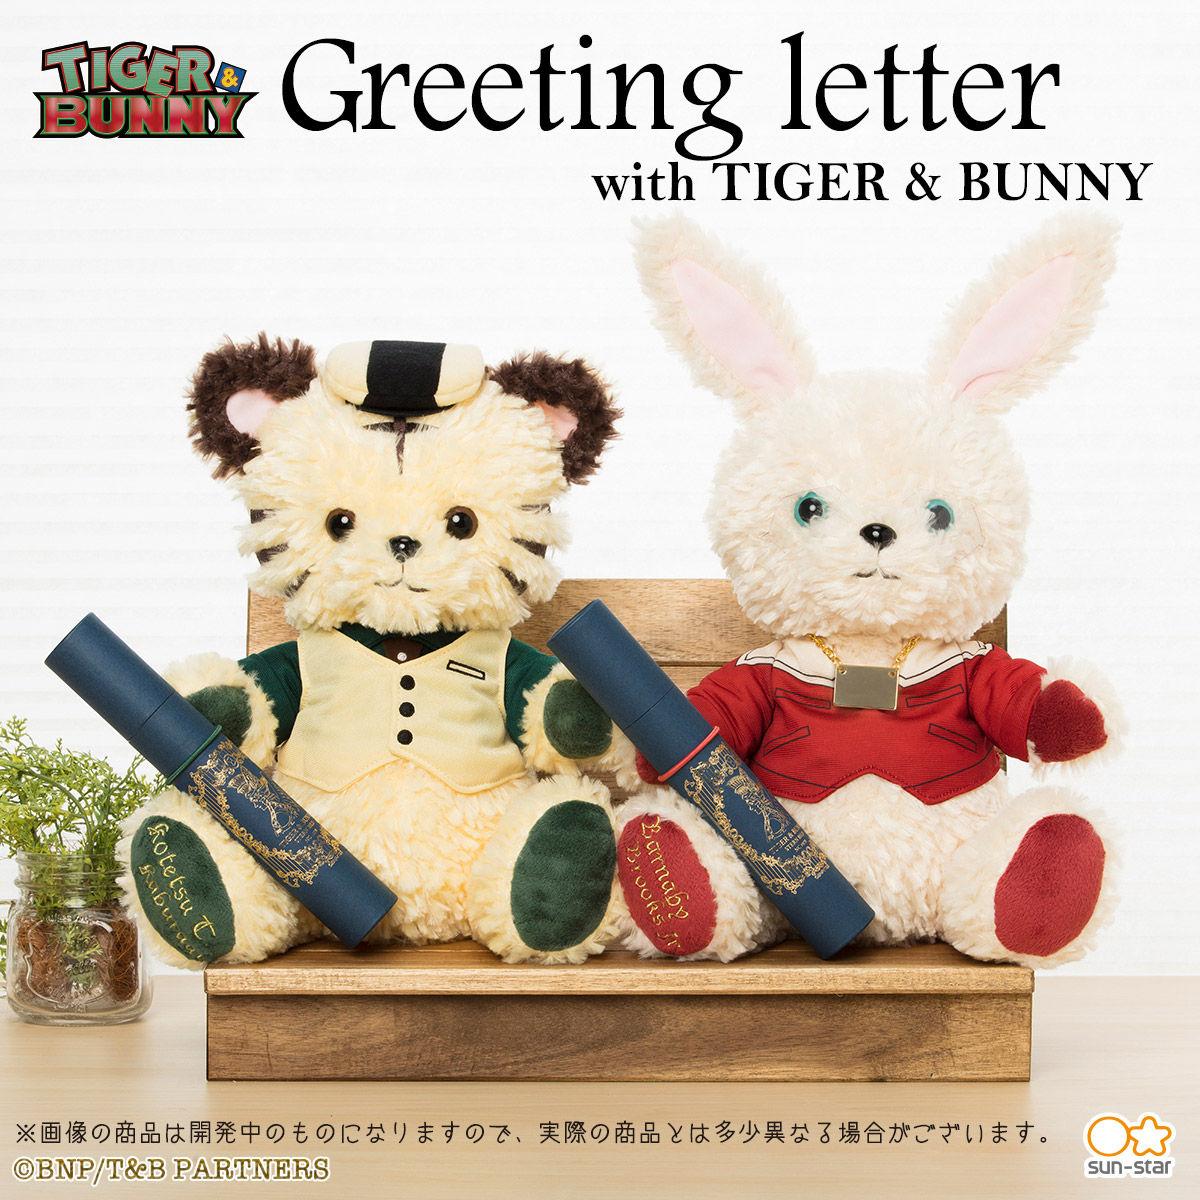 【限定販売】タイバニ『グリーティングレター with TIGER & BUNNY』TIGER & BUNNY ぬいぐるみ-001